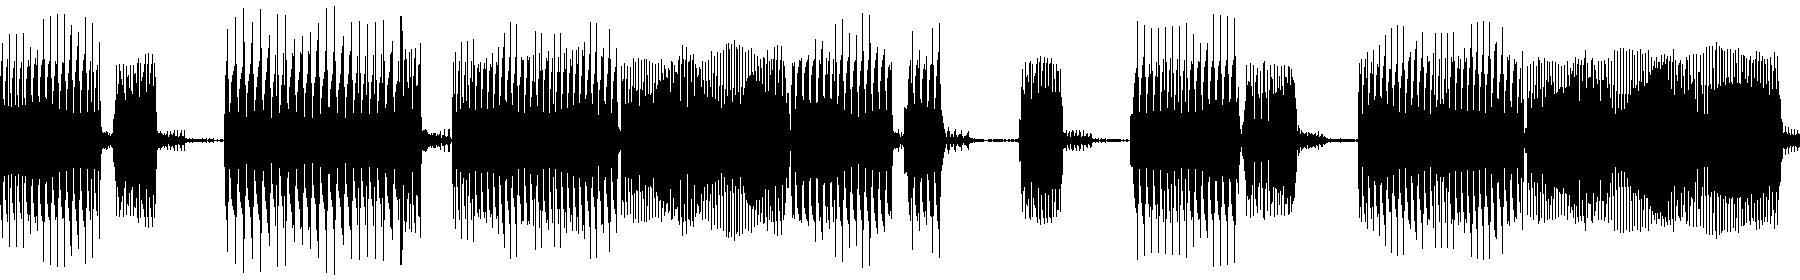 ehp bassloop 127 cheekyfunker eb